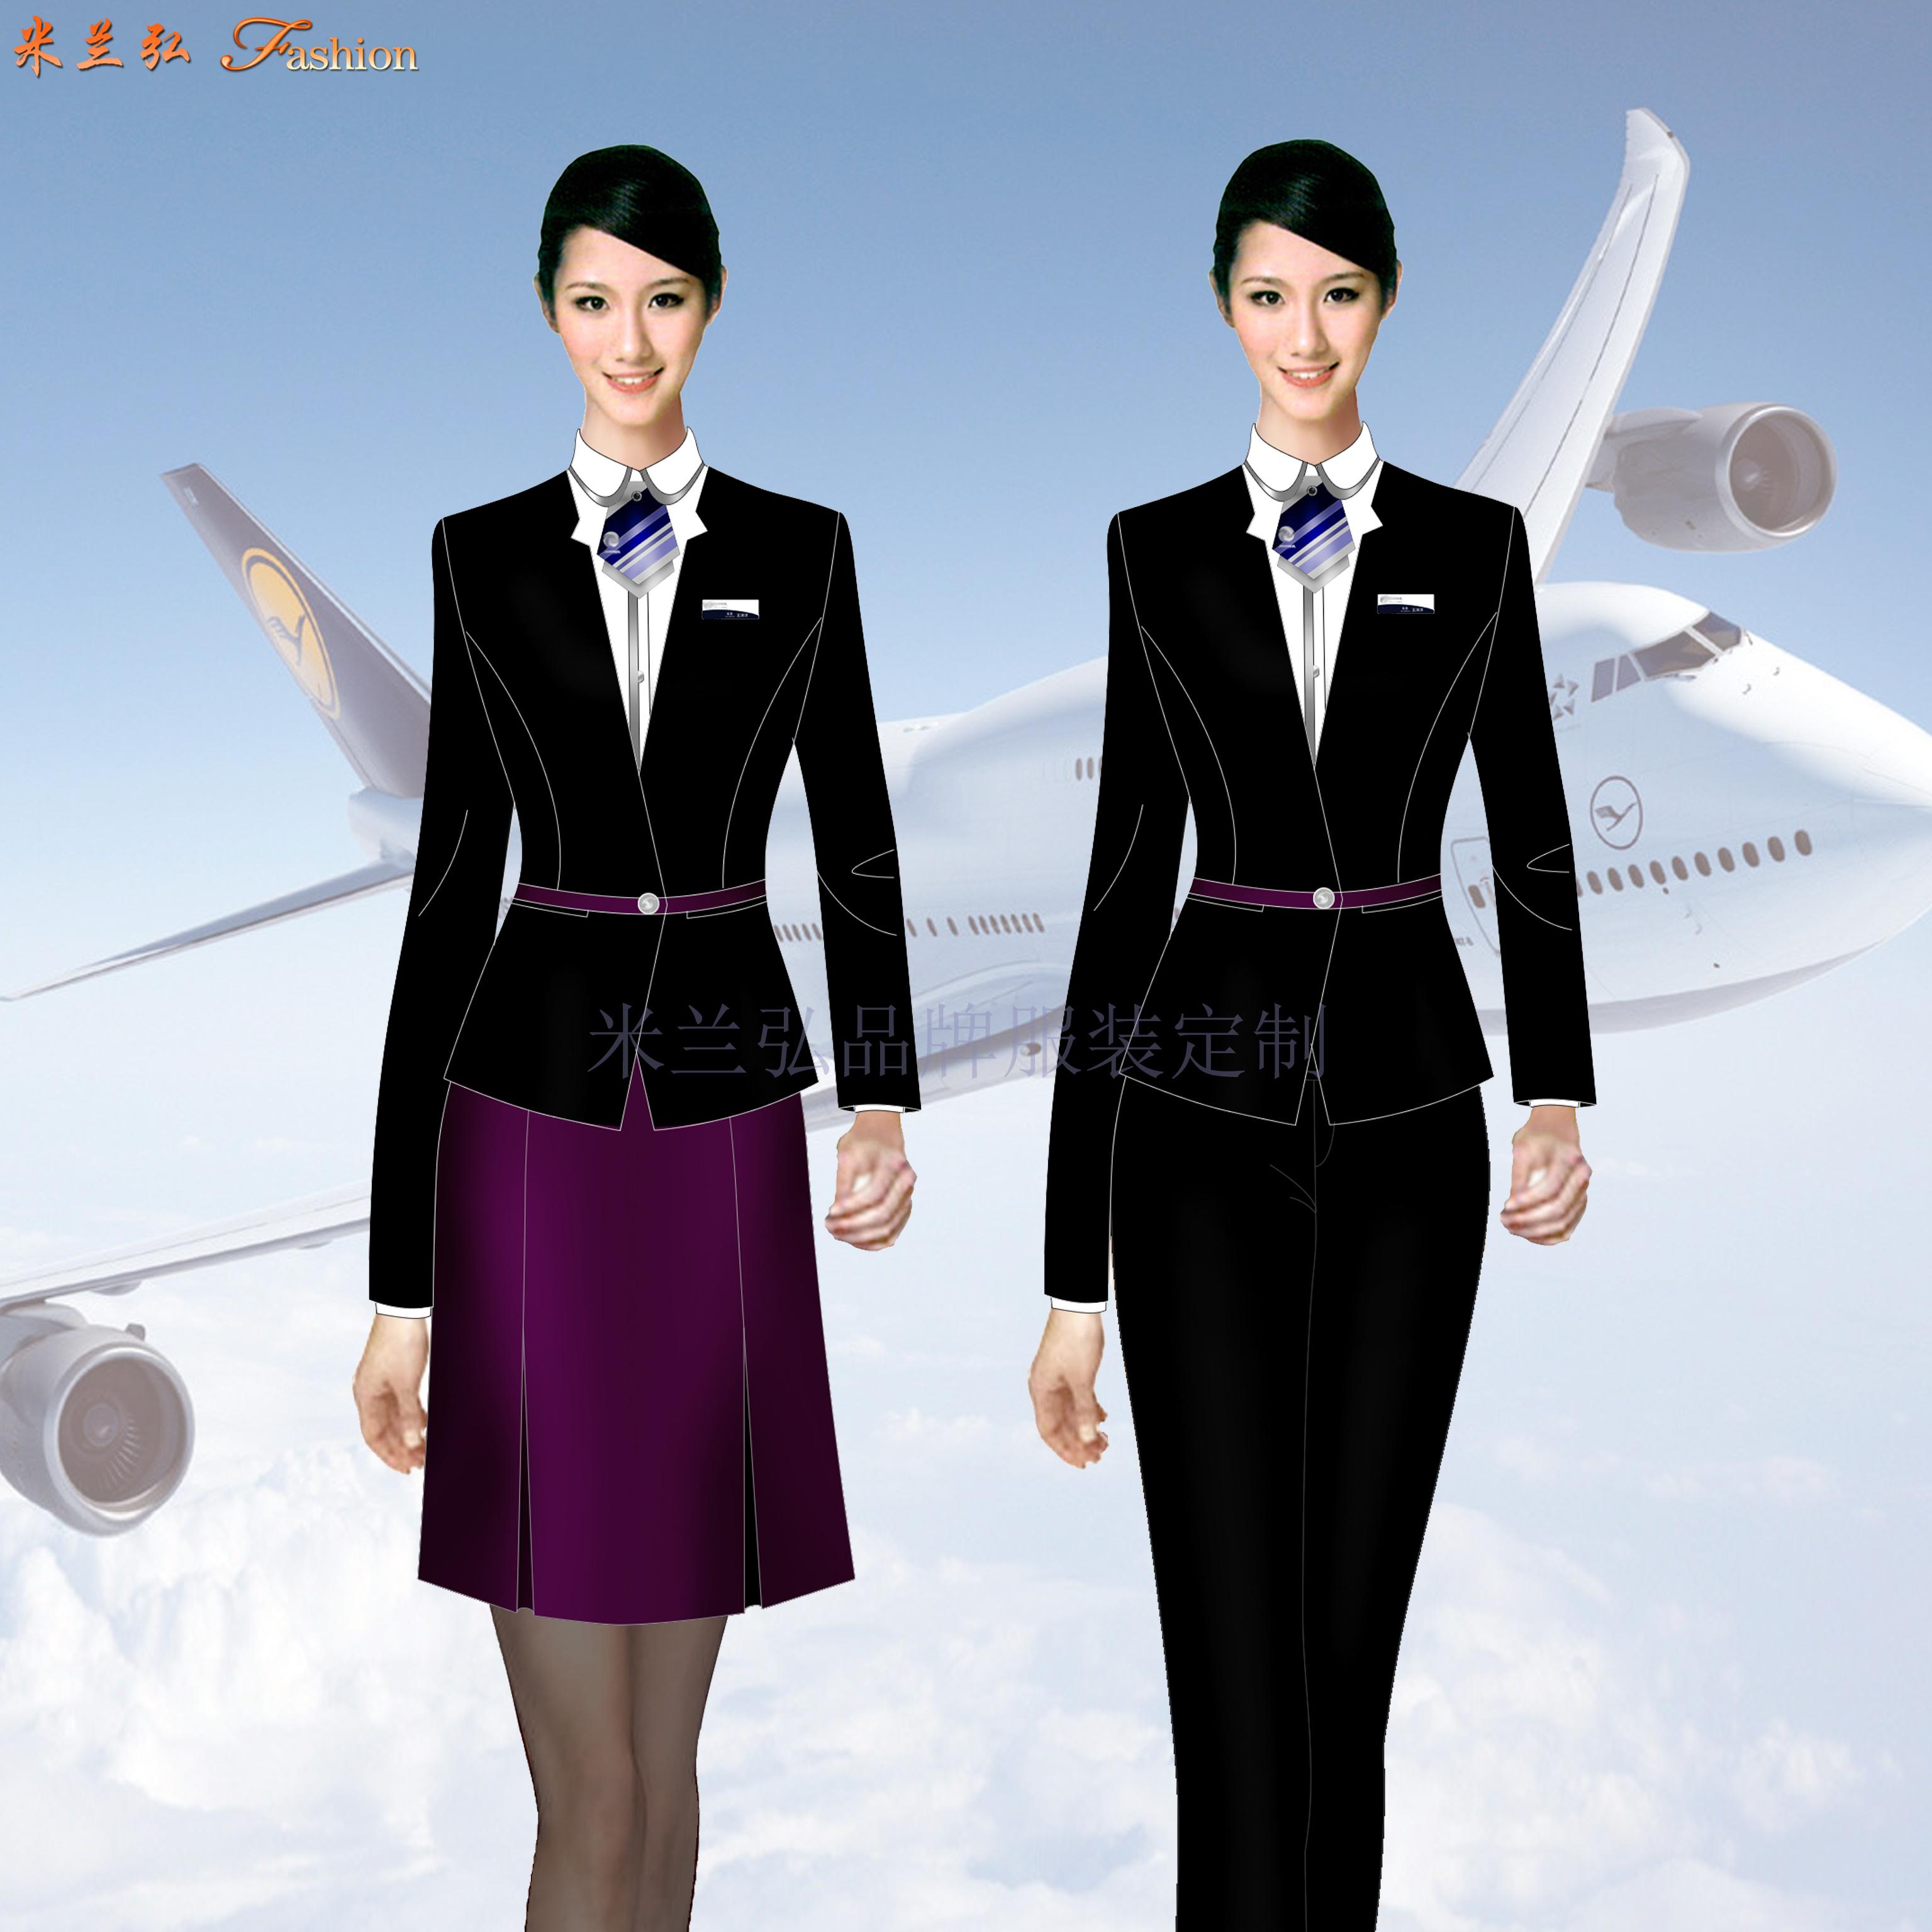 「航空工作服」供應航空公司貨真價實地勤機務工作服-米蘭弘服裝-2